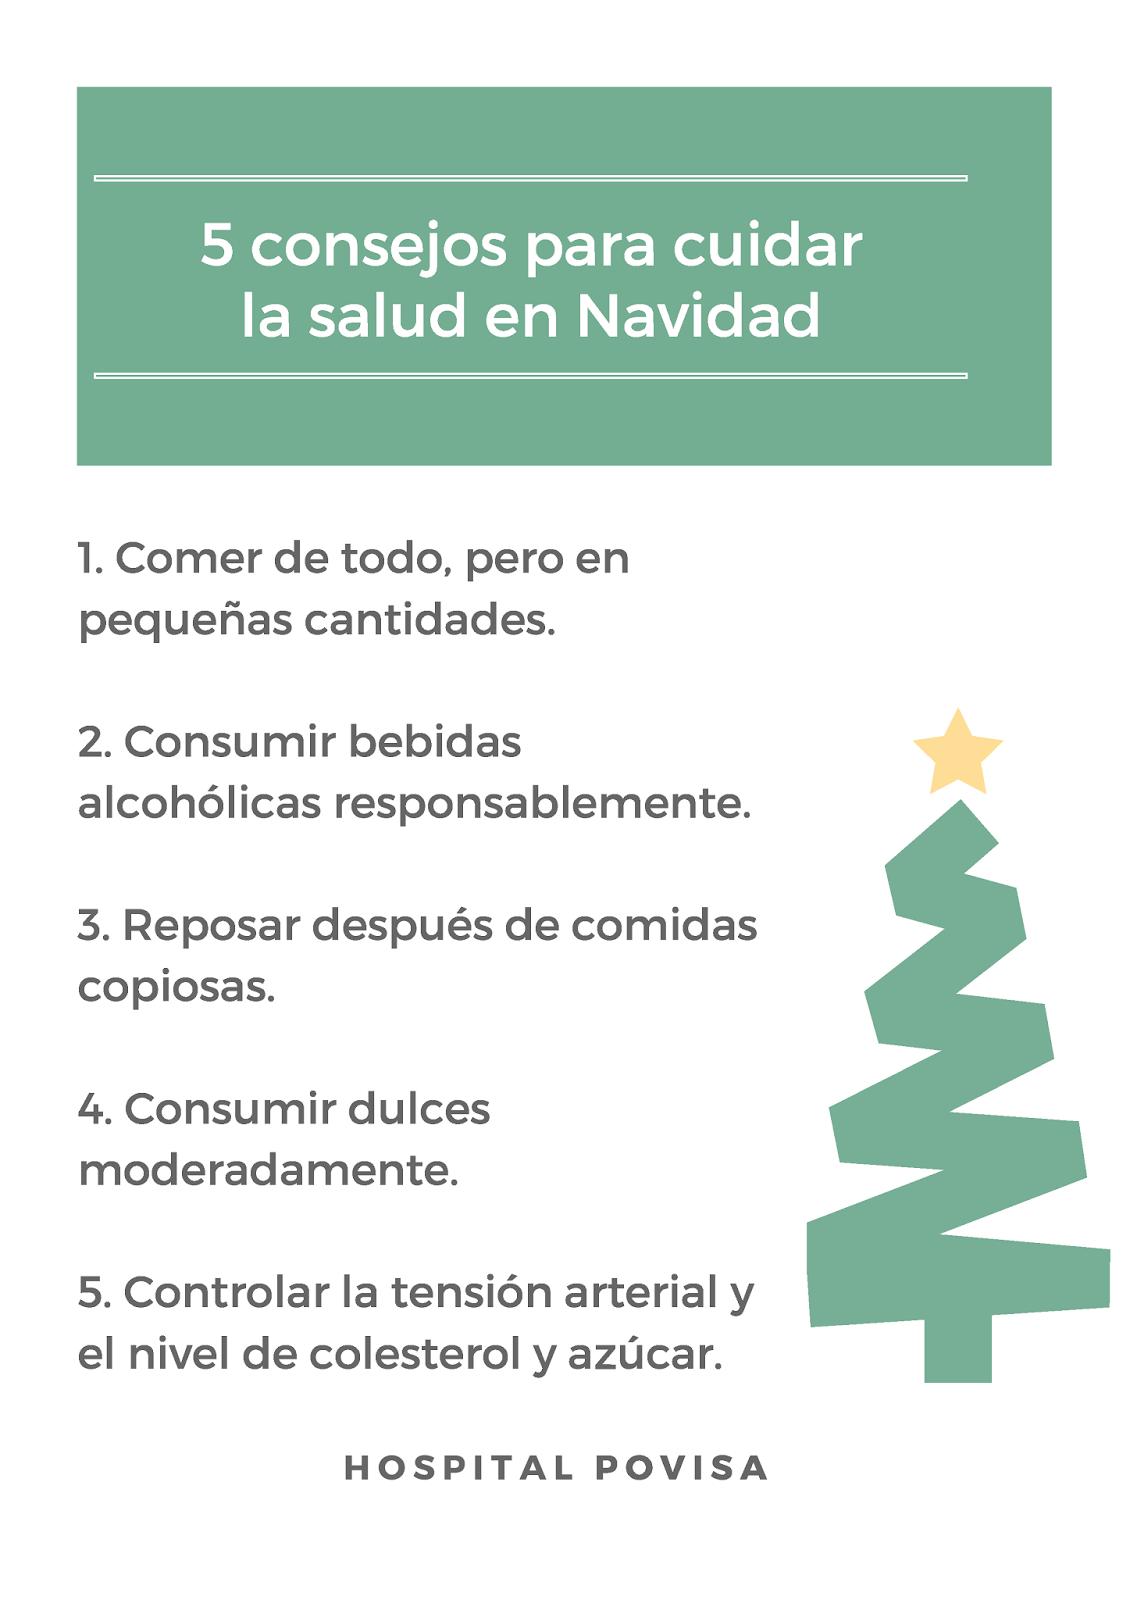 tips para comer saludable en las fiestas navideñas